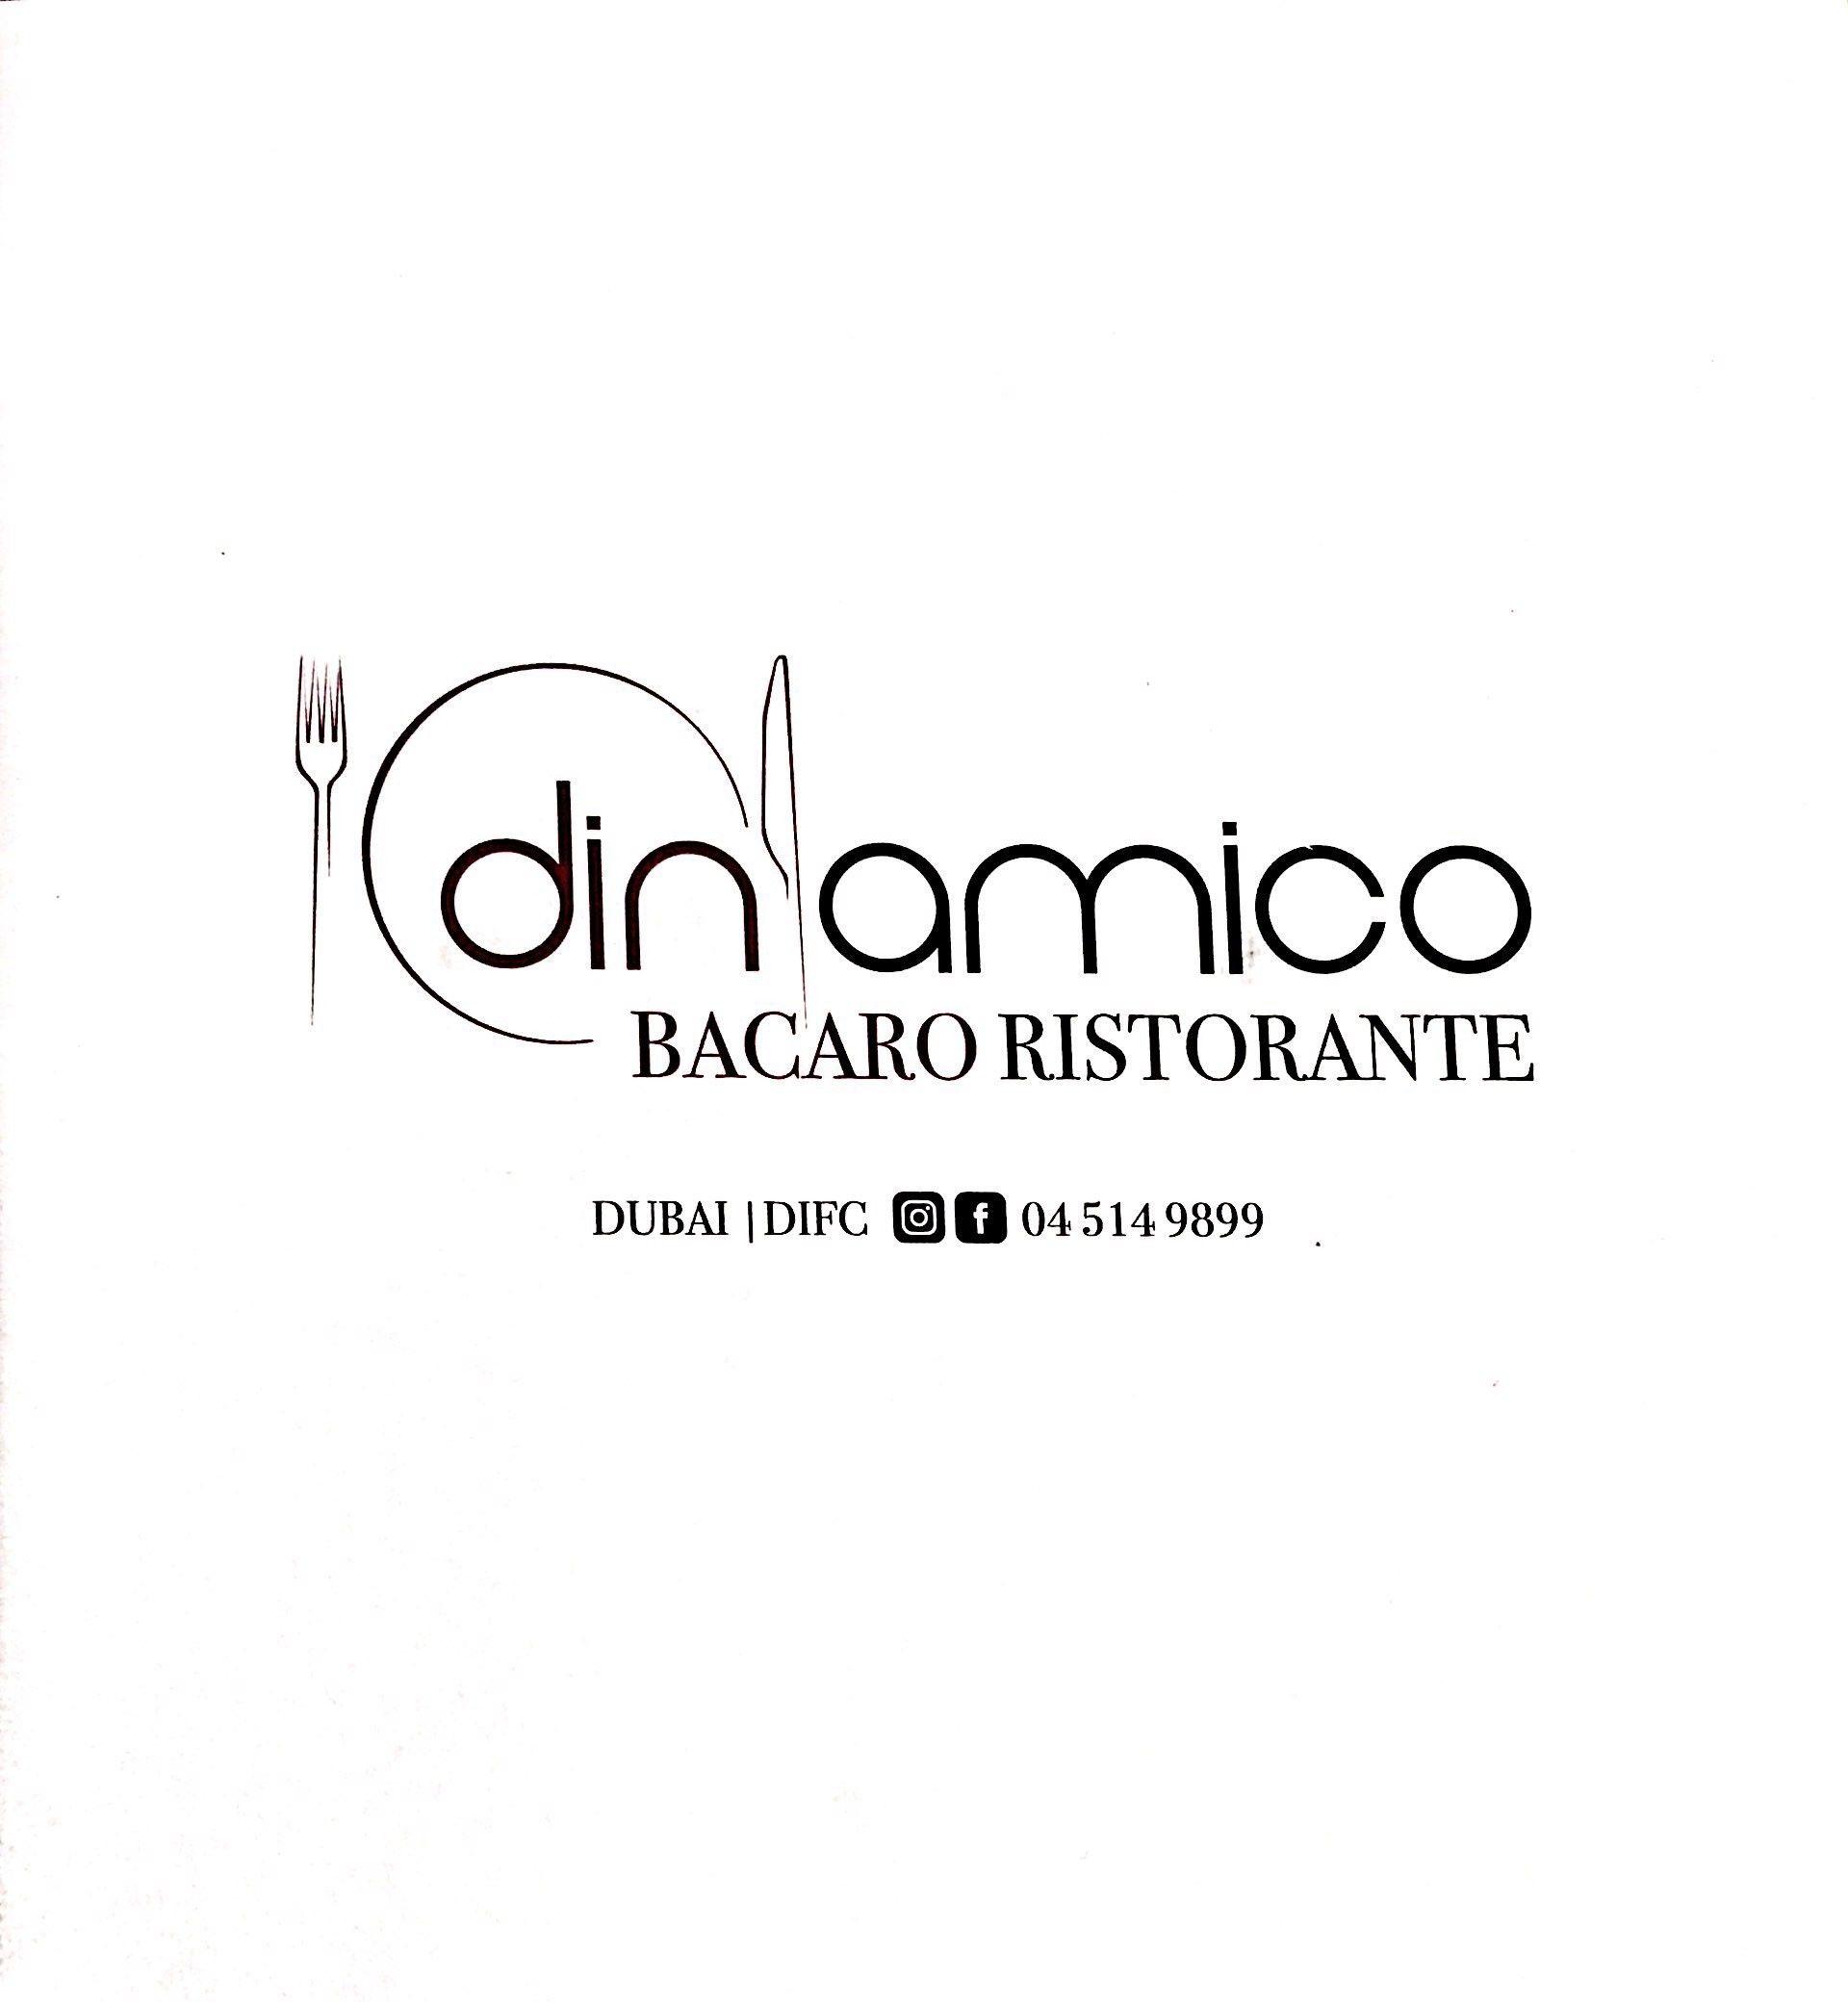 Menu of the Dinamico Restaurant